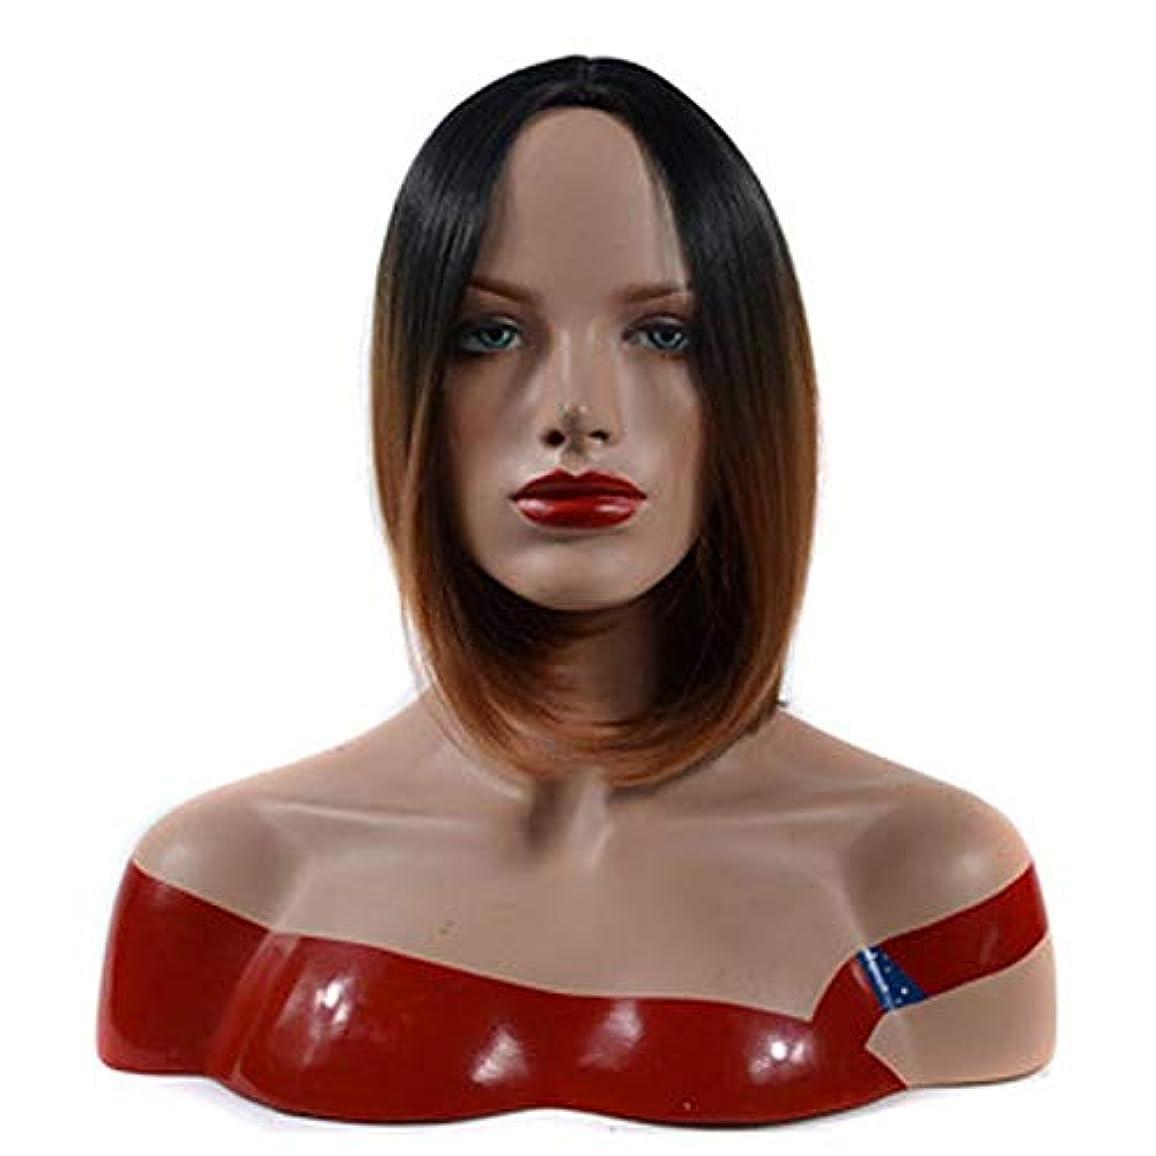 氏十分に北米YOUQIU 女性コスプレパーティードレスウィッグについては黒髪ルートライトブラウンショートストレート髪ボブウィッグ (色 : 淡い茶色, サイズ : 30cm)